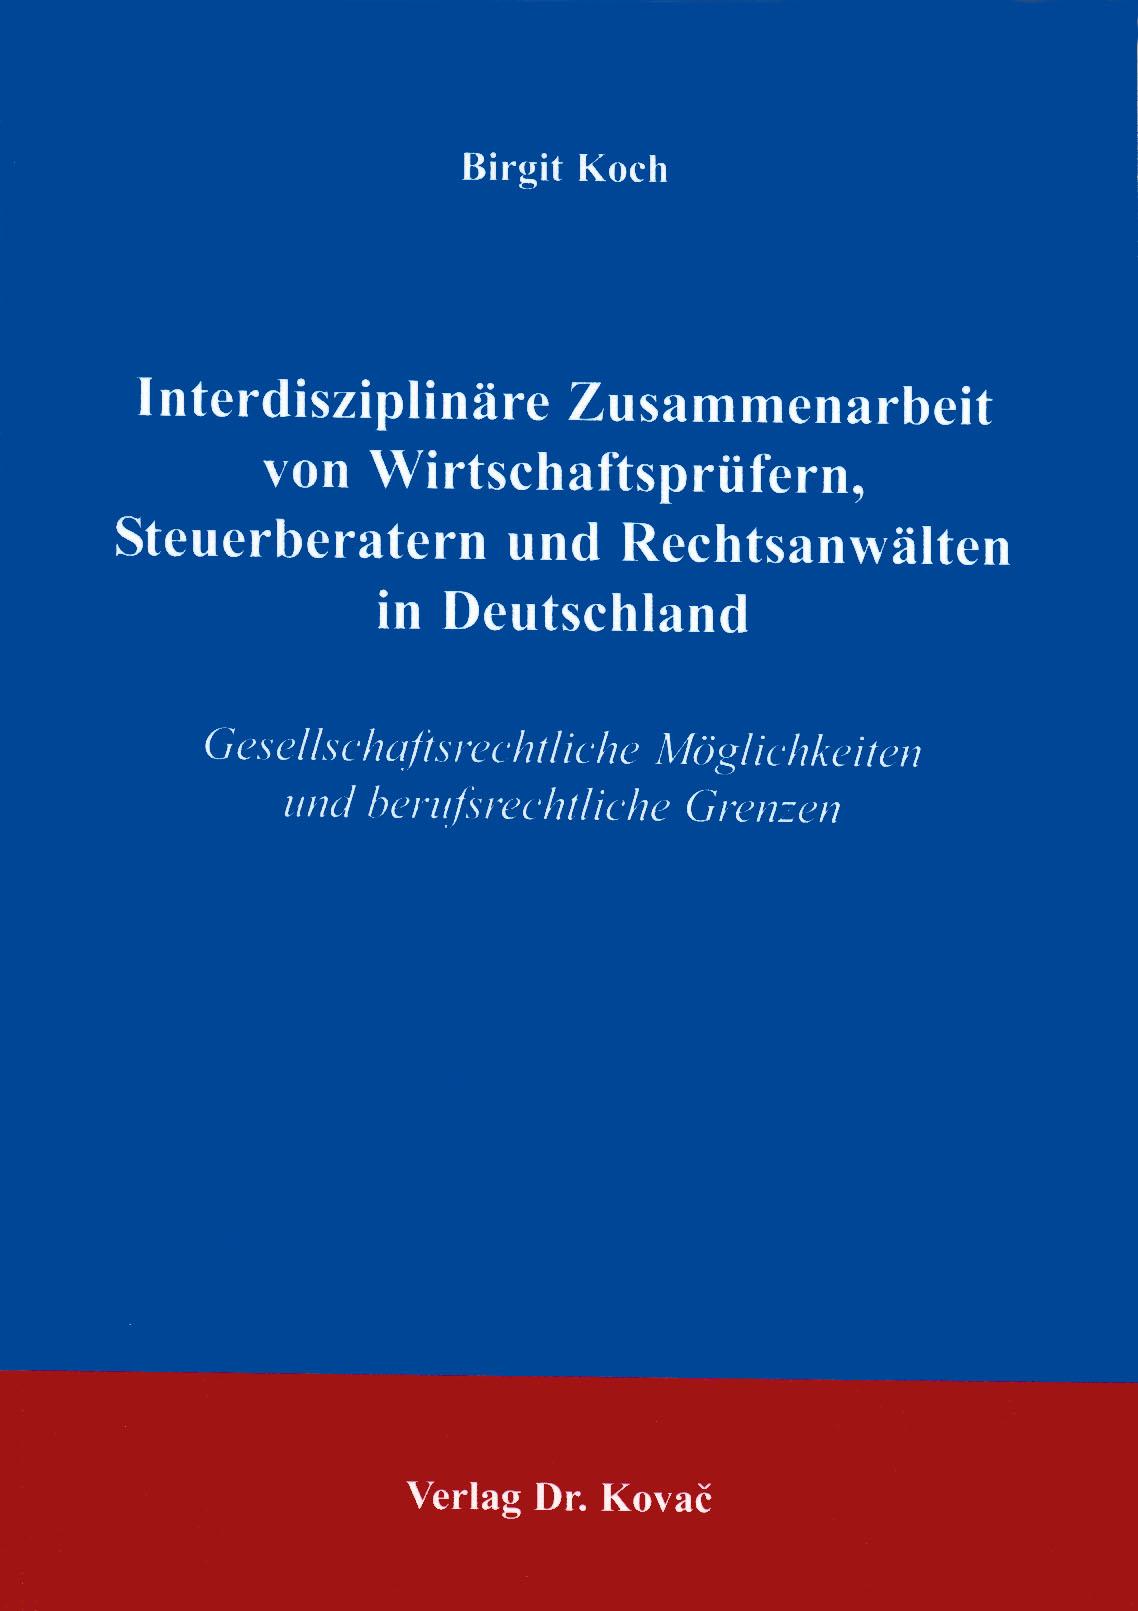 Cover: Interdisziplinäre Zusammenarbeit von Wirtschaftsprüfern, Steuerberatern und Rechtsanwälten in Deutschland